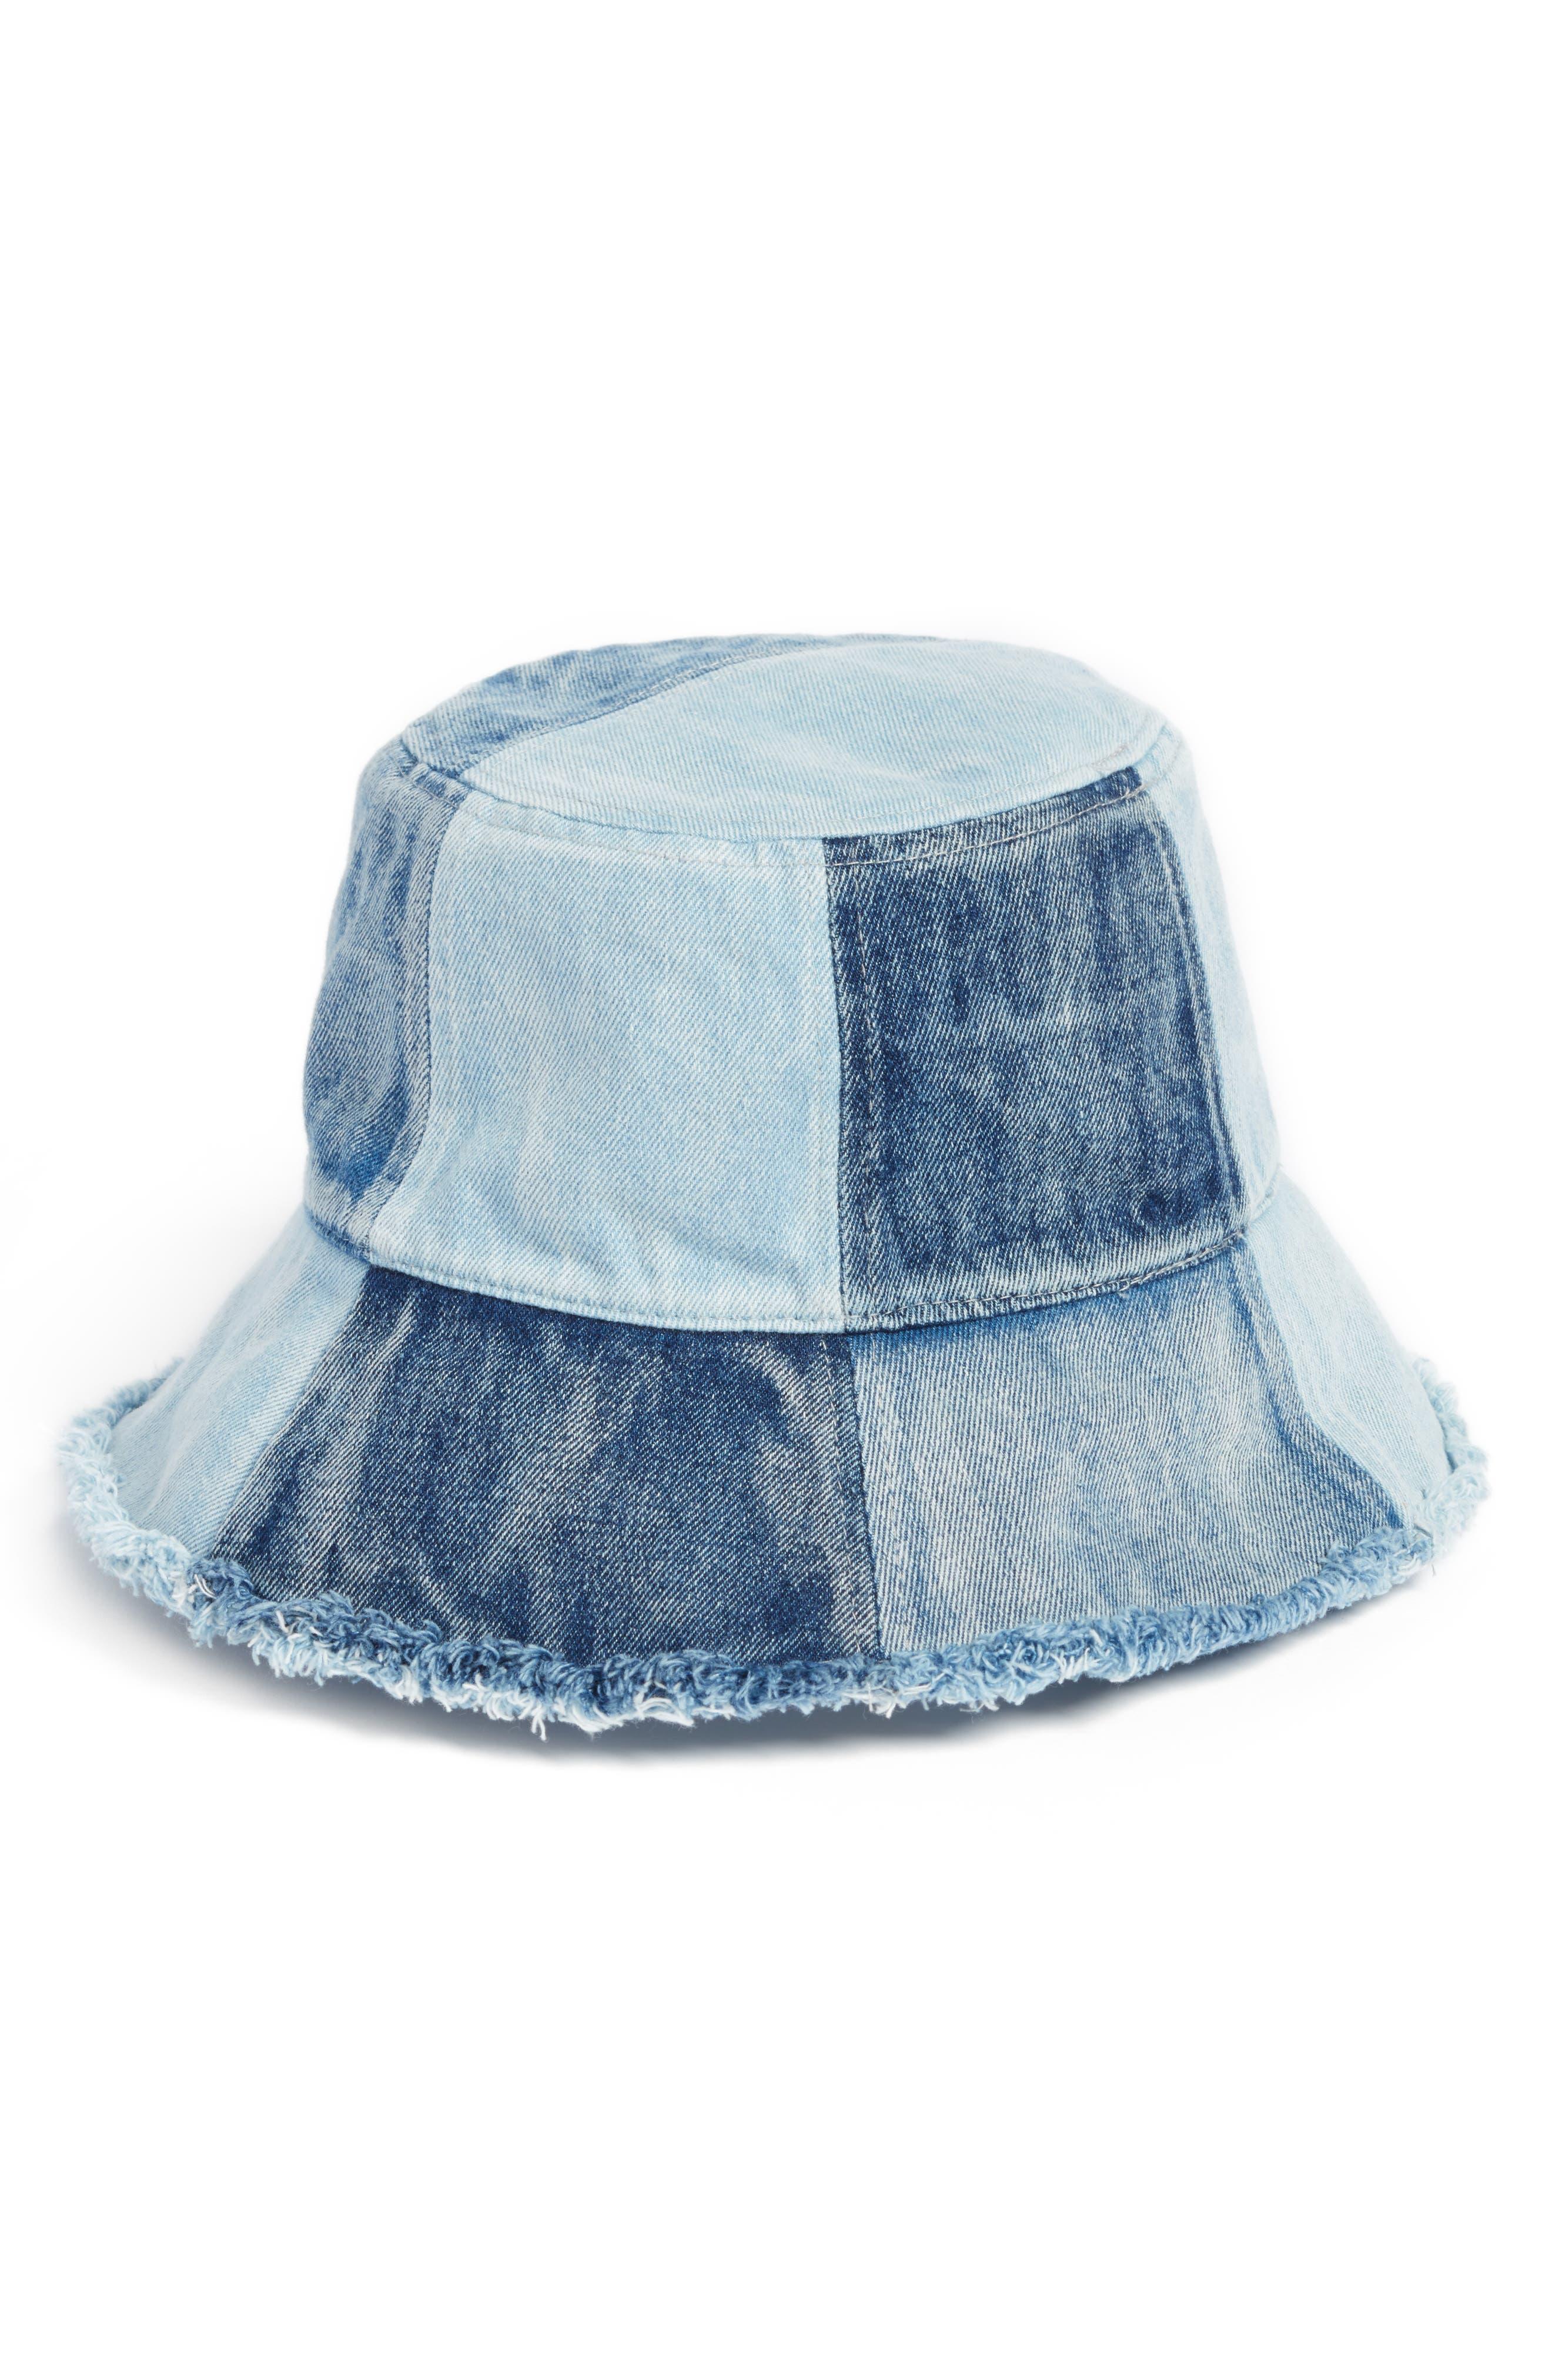 Patched Denim Bucket Hat,                         Main,                         color, Denim